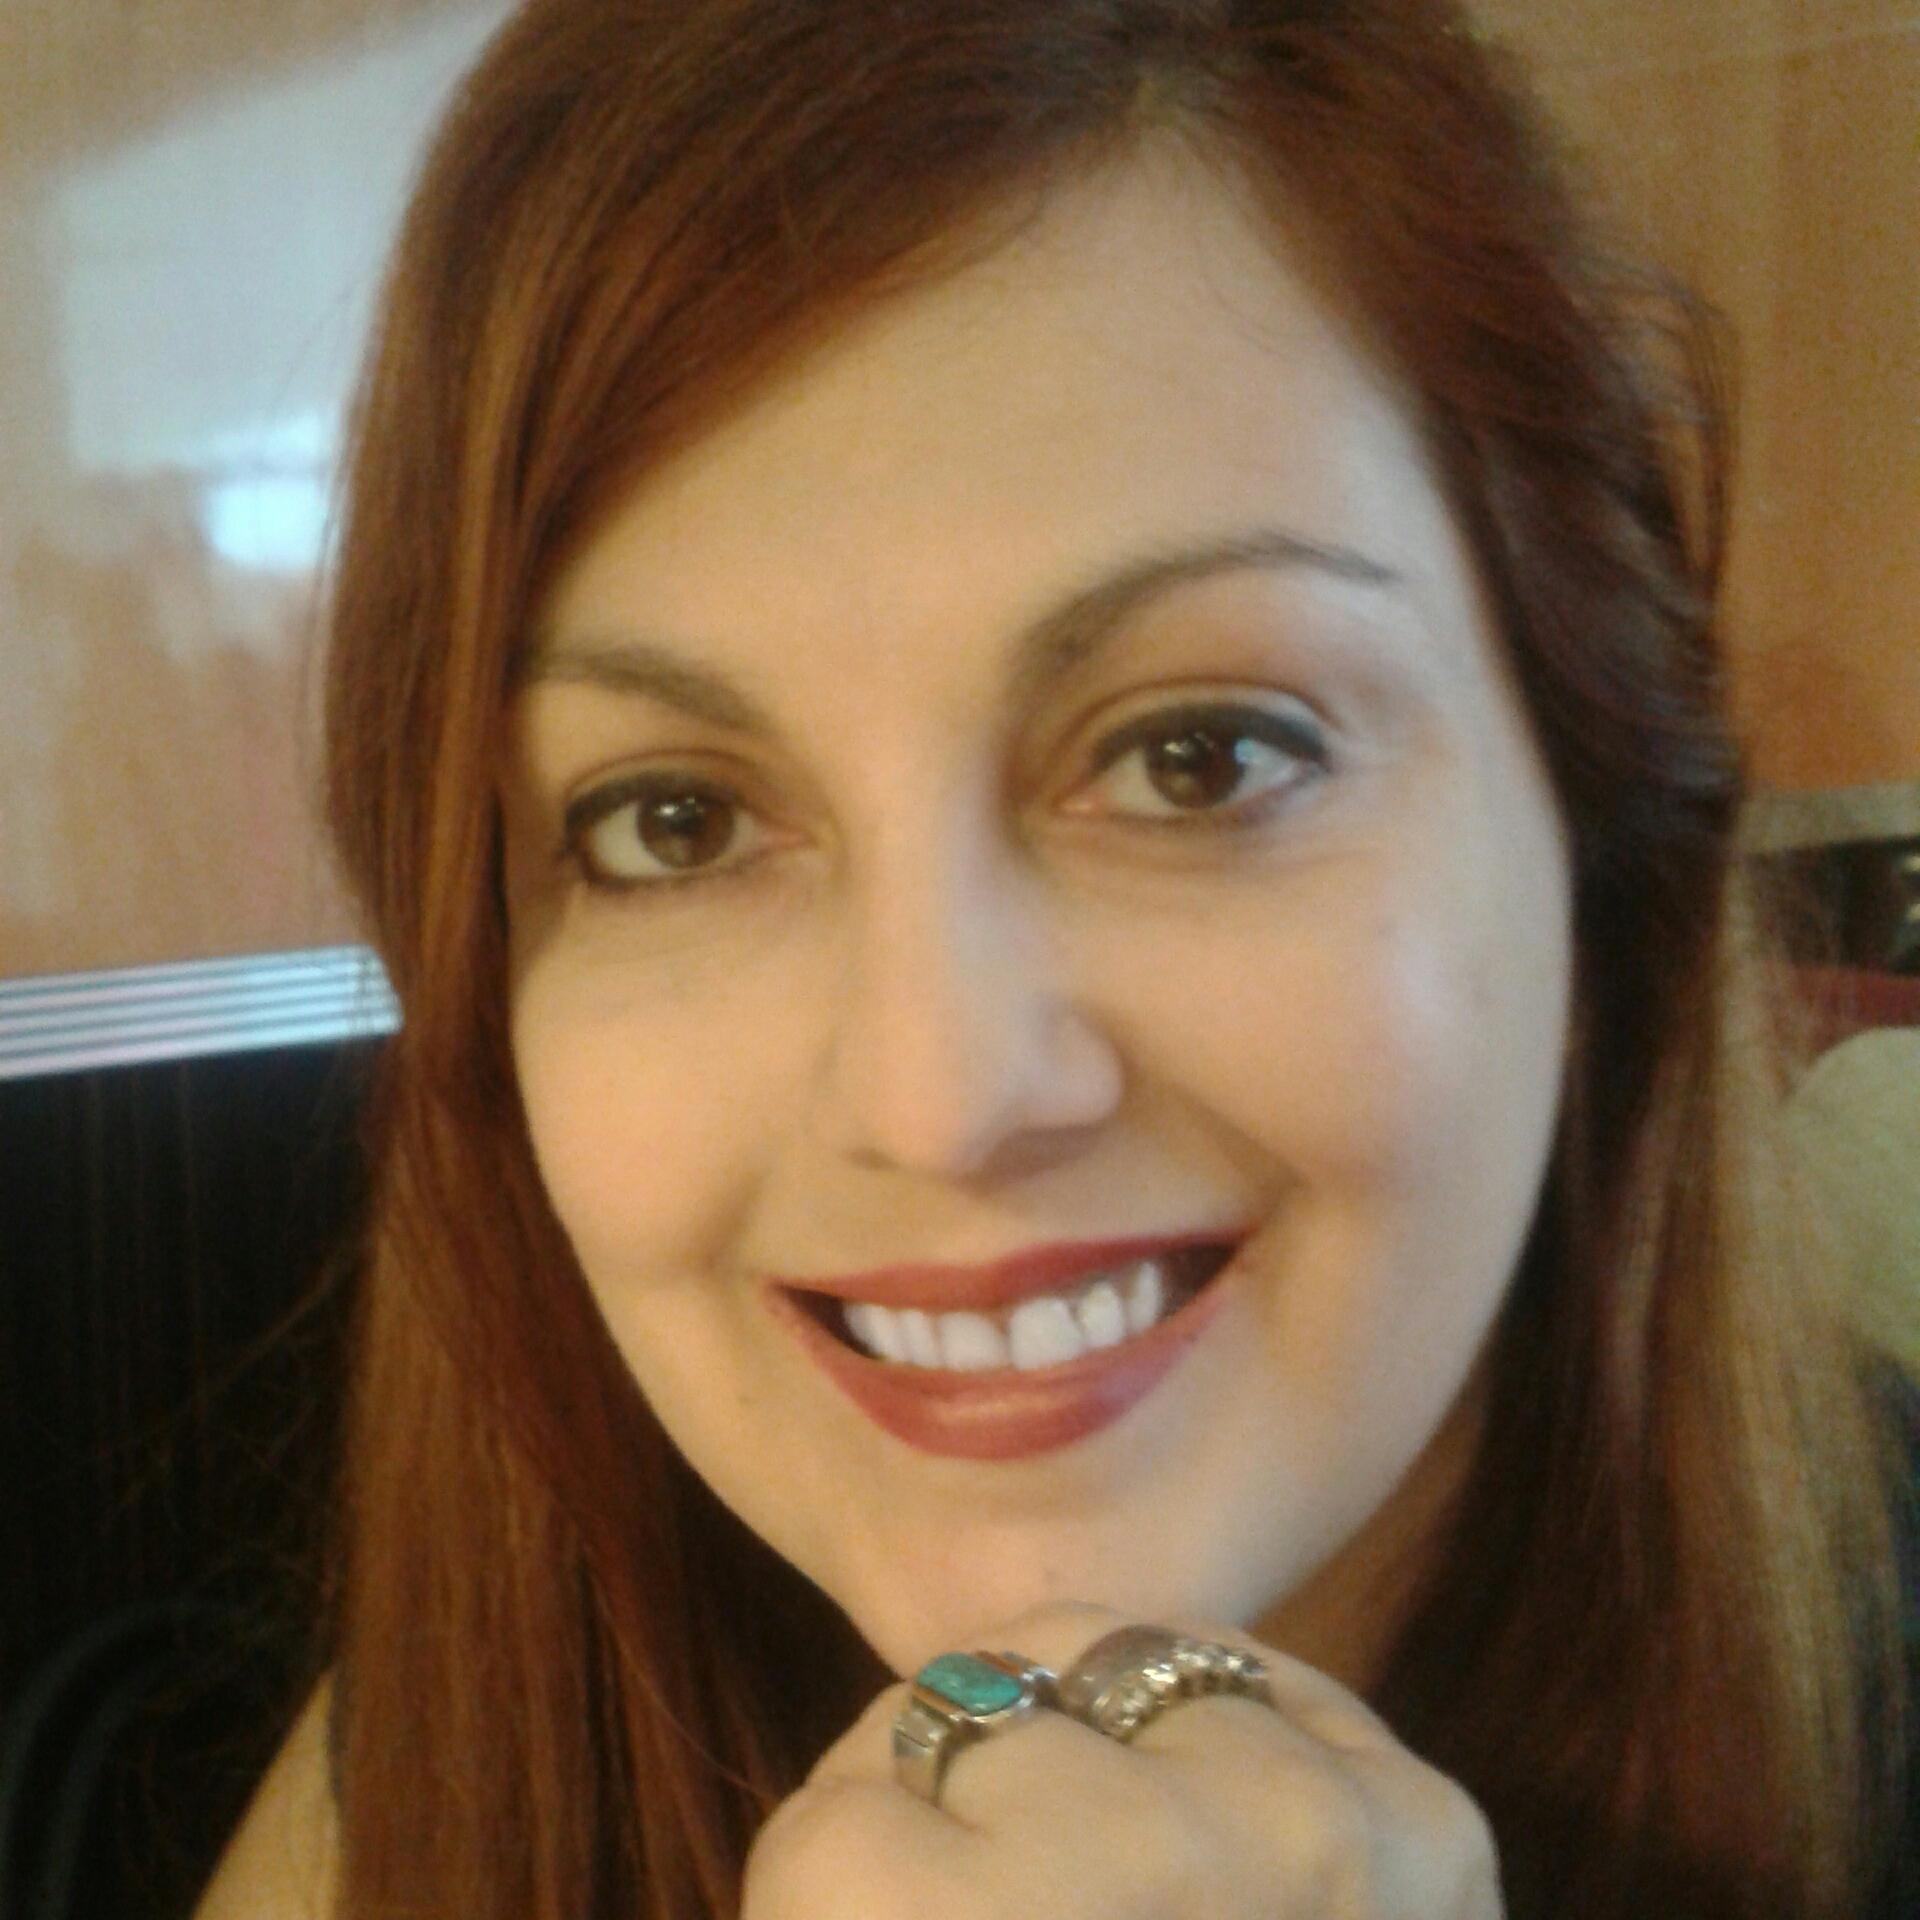 Karen Goncalves